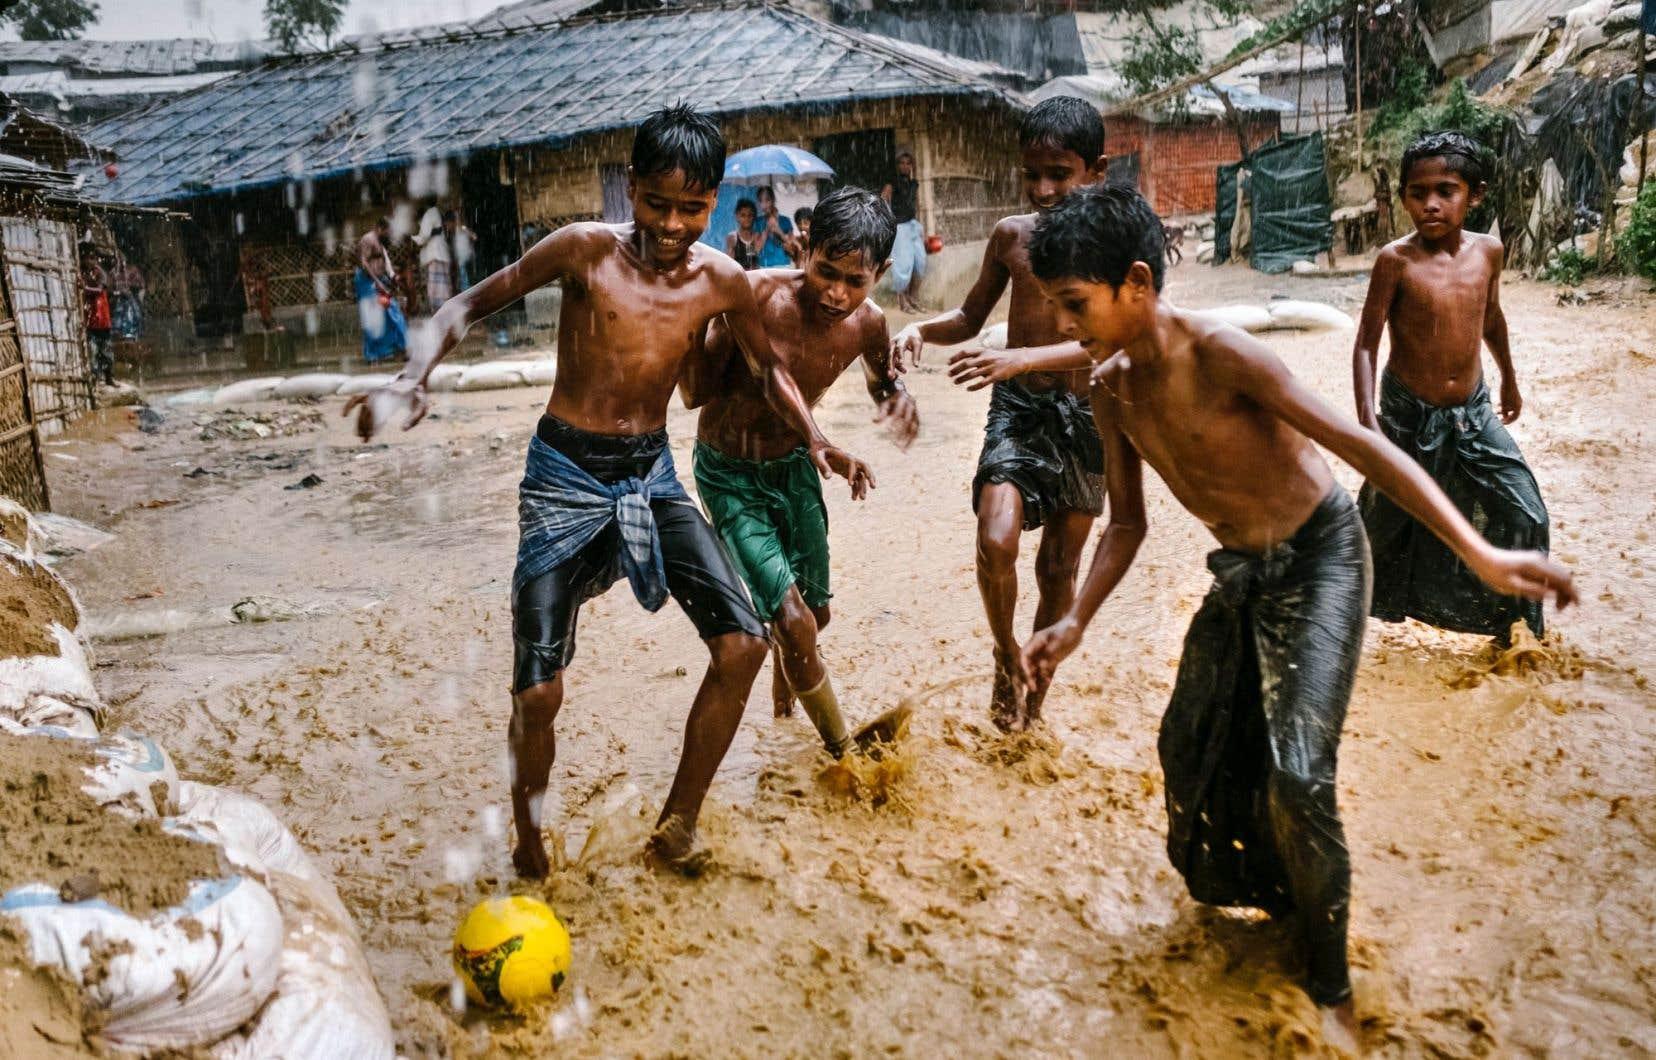 «Errance sans retour», un film de Mélanie Carrier et Olivier Higgins avec des images de Renaud Philippe, documente la crise humanitaire affligeant les Rohingyas. Il est des douze films inscrits en compétition officielle.